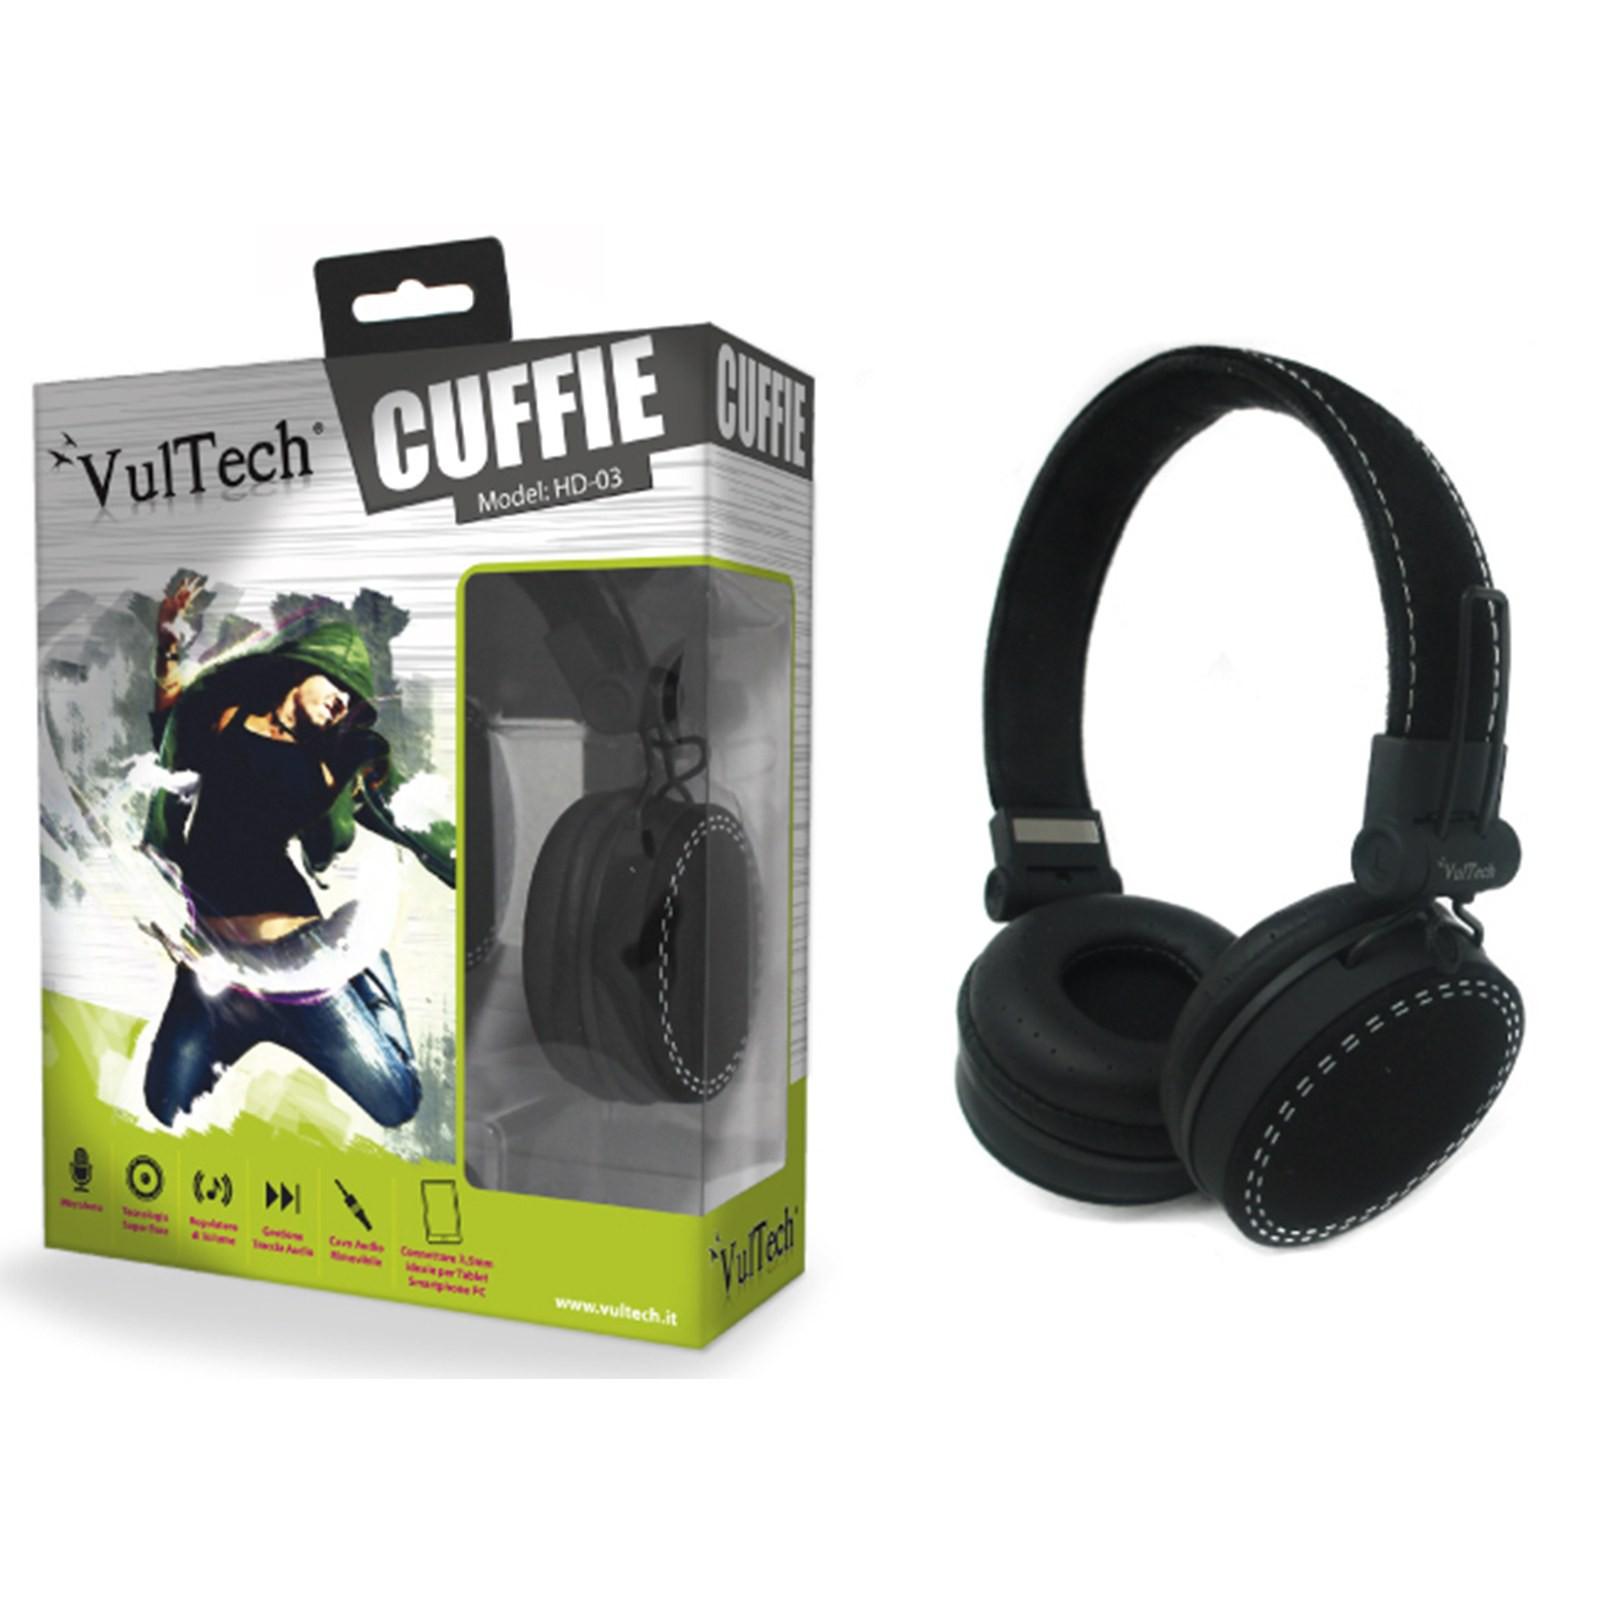 CUFFIE IPOD IPHONE HEADPHONES PER STEREO PC MUSICA MP3 GAME CD DVD NERA VULTECH